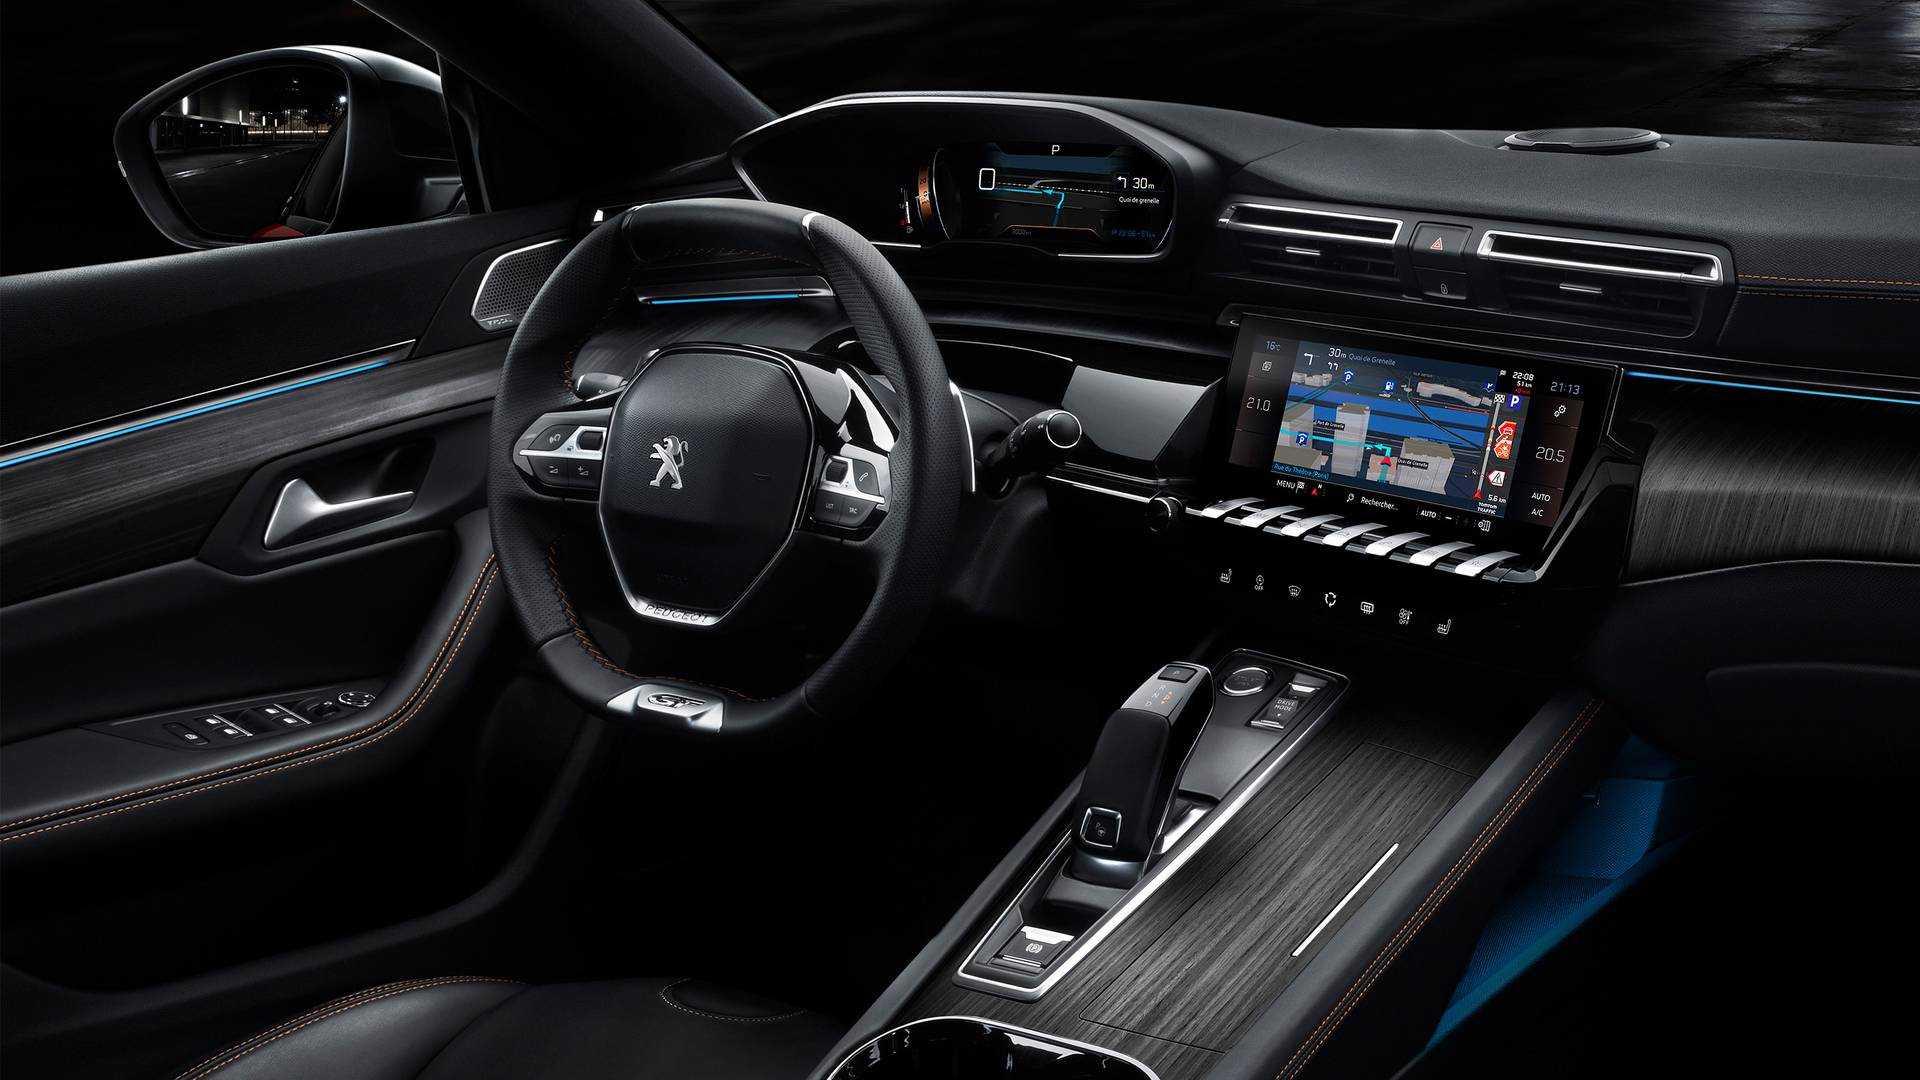 Peugeot 508 sw 2019: характеристики, цена, фото и видео-обзор